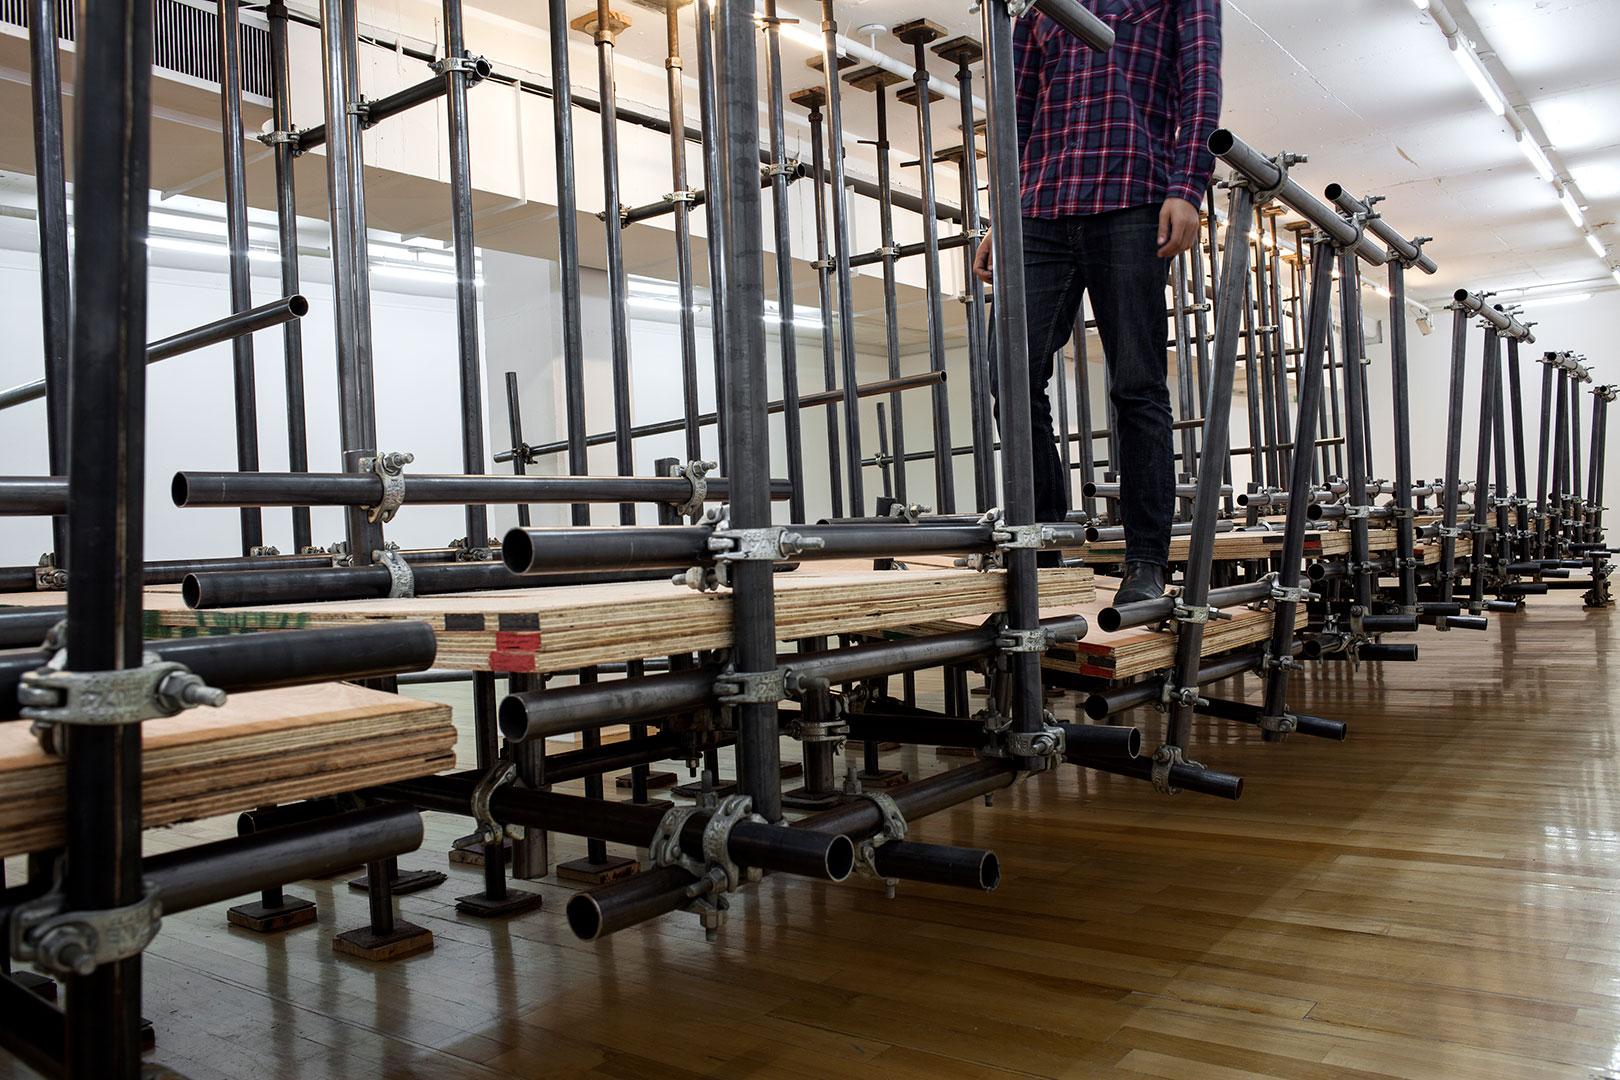 Prueba de tensión | 220 x 600 x 1100 cm | Plywood, iron piping and scaffolding clumps